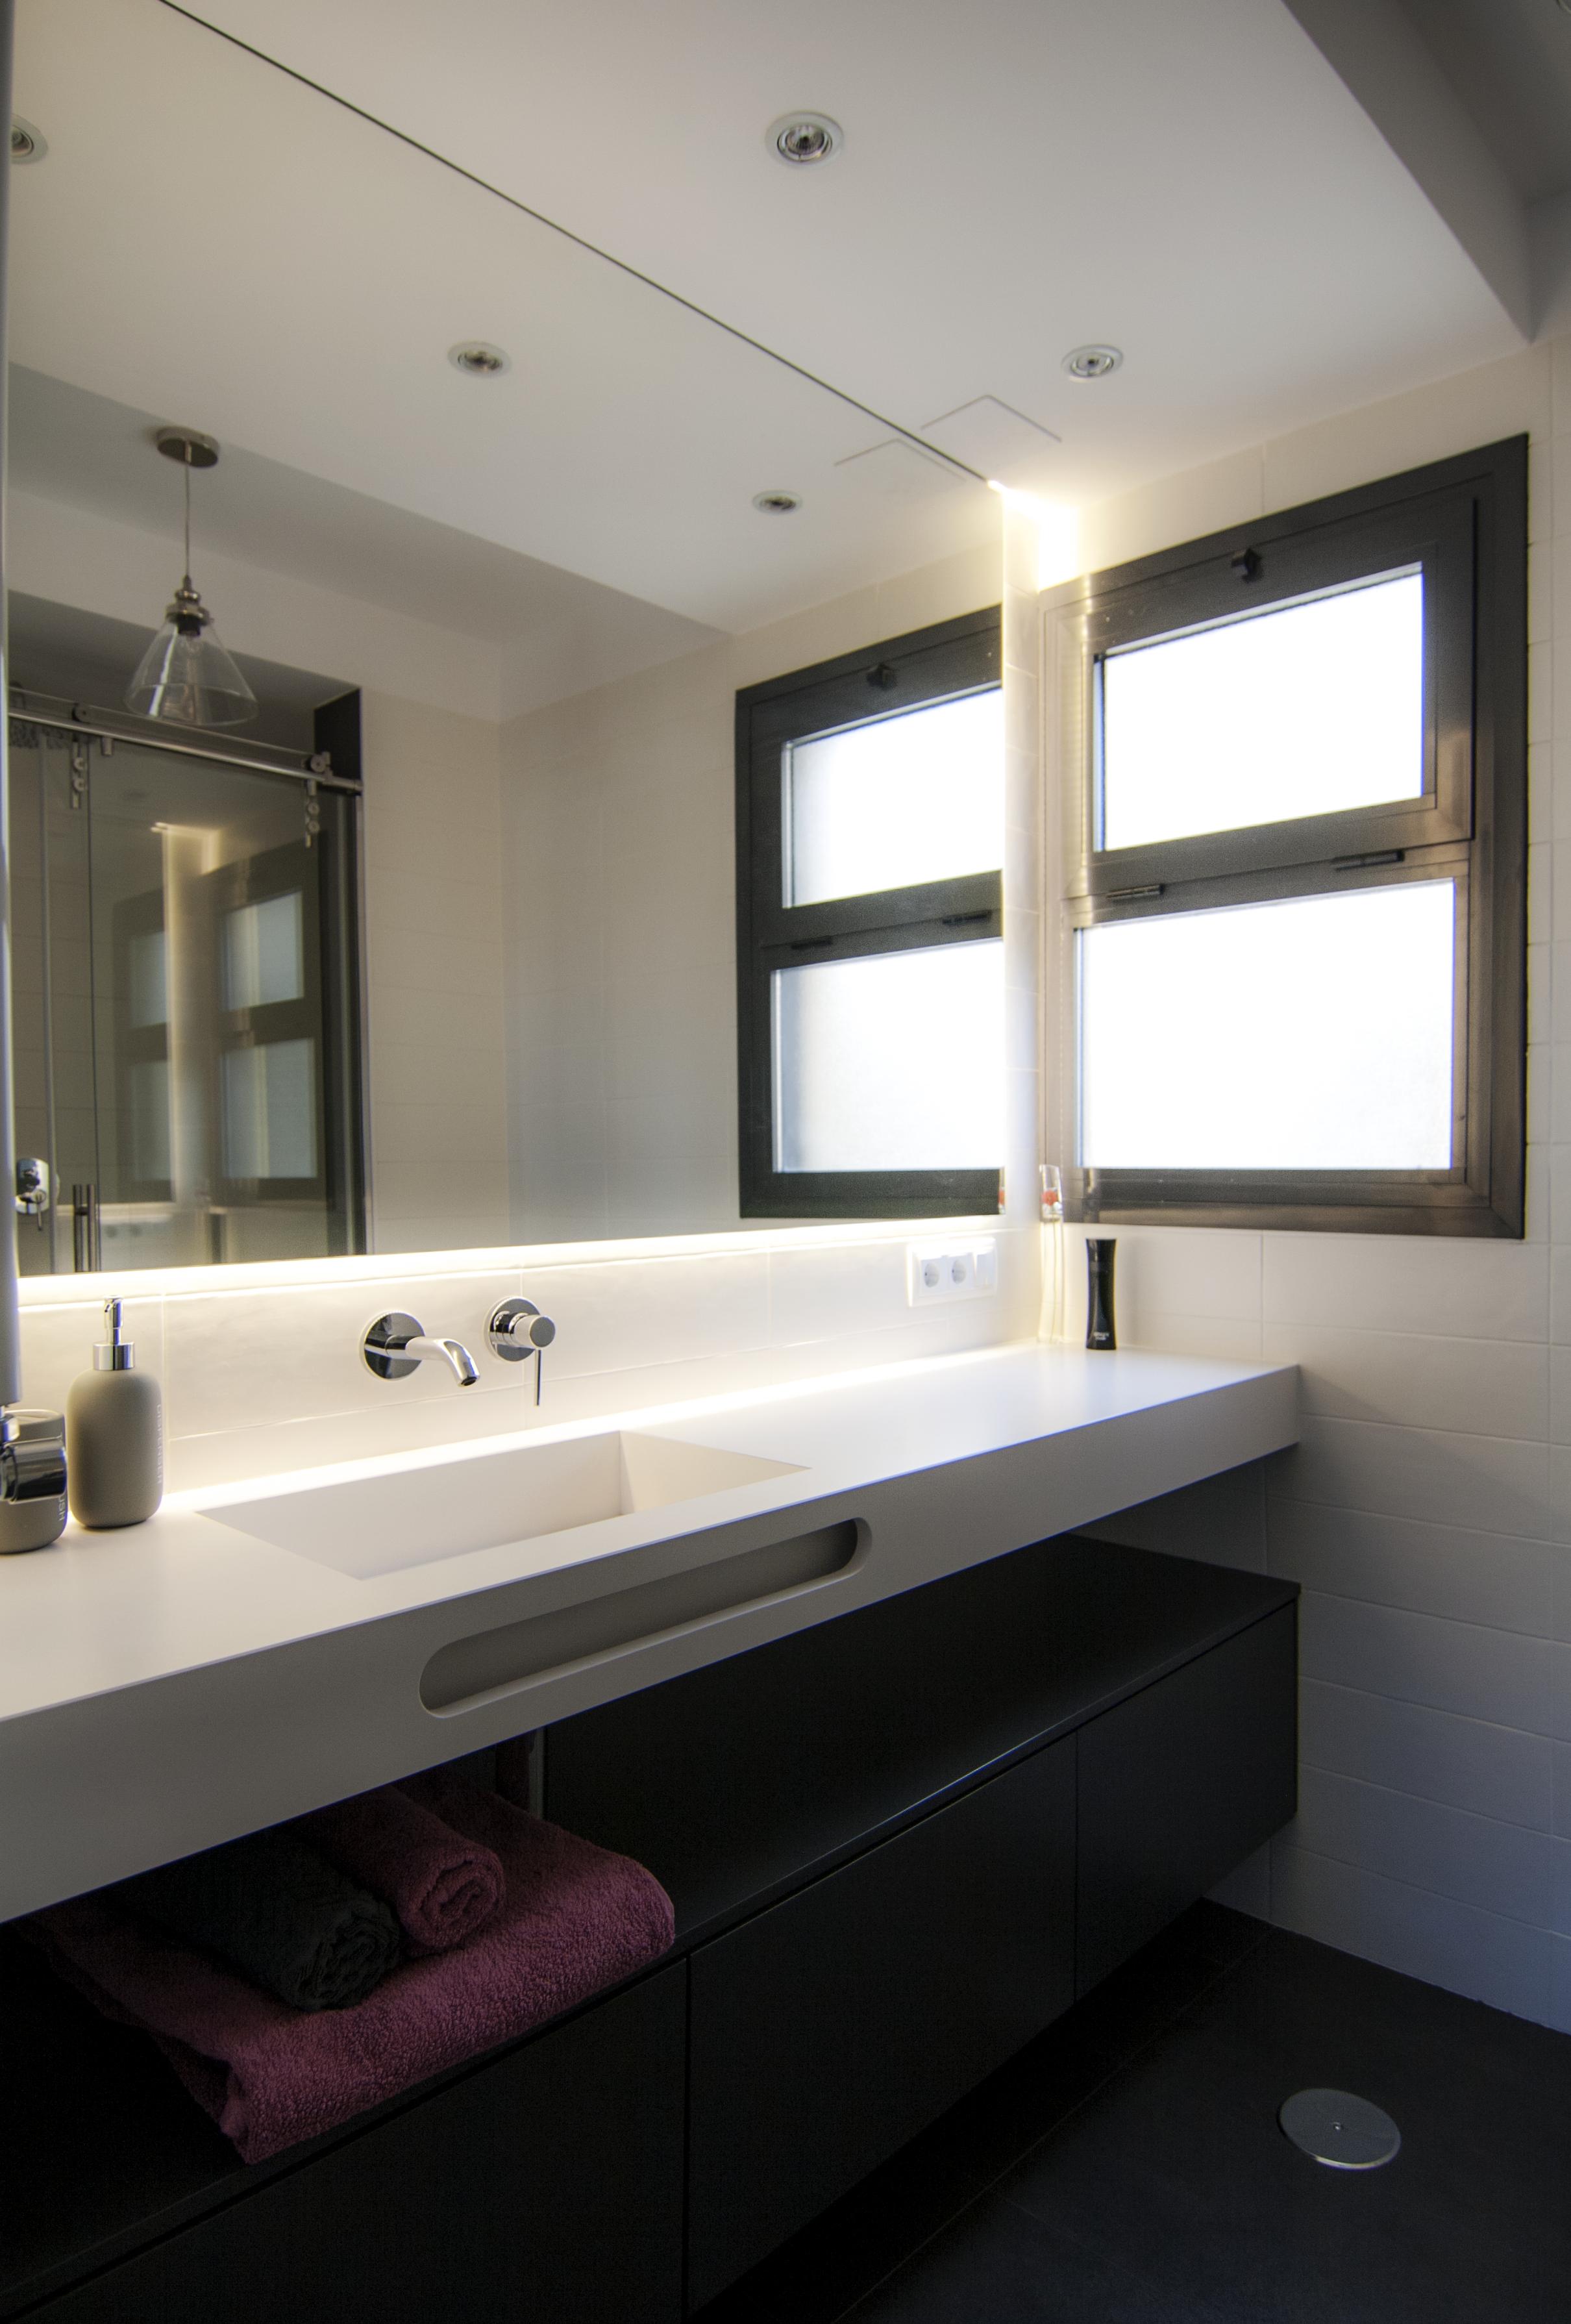 diseño reformas slow emmme studio - baño de Maria y Rober - 02 - SM.png